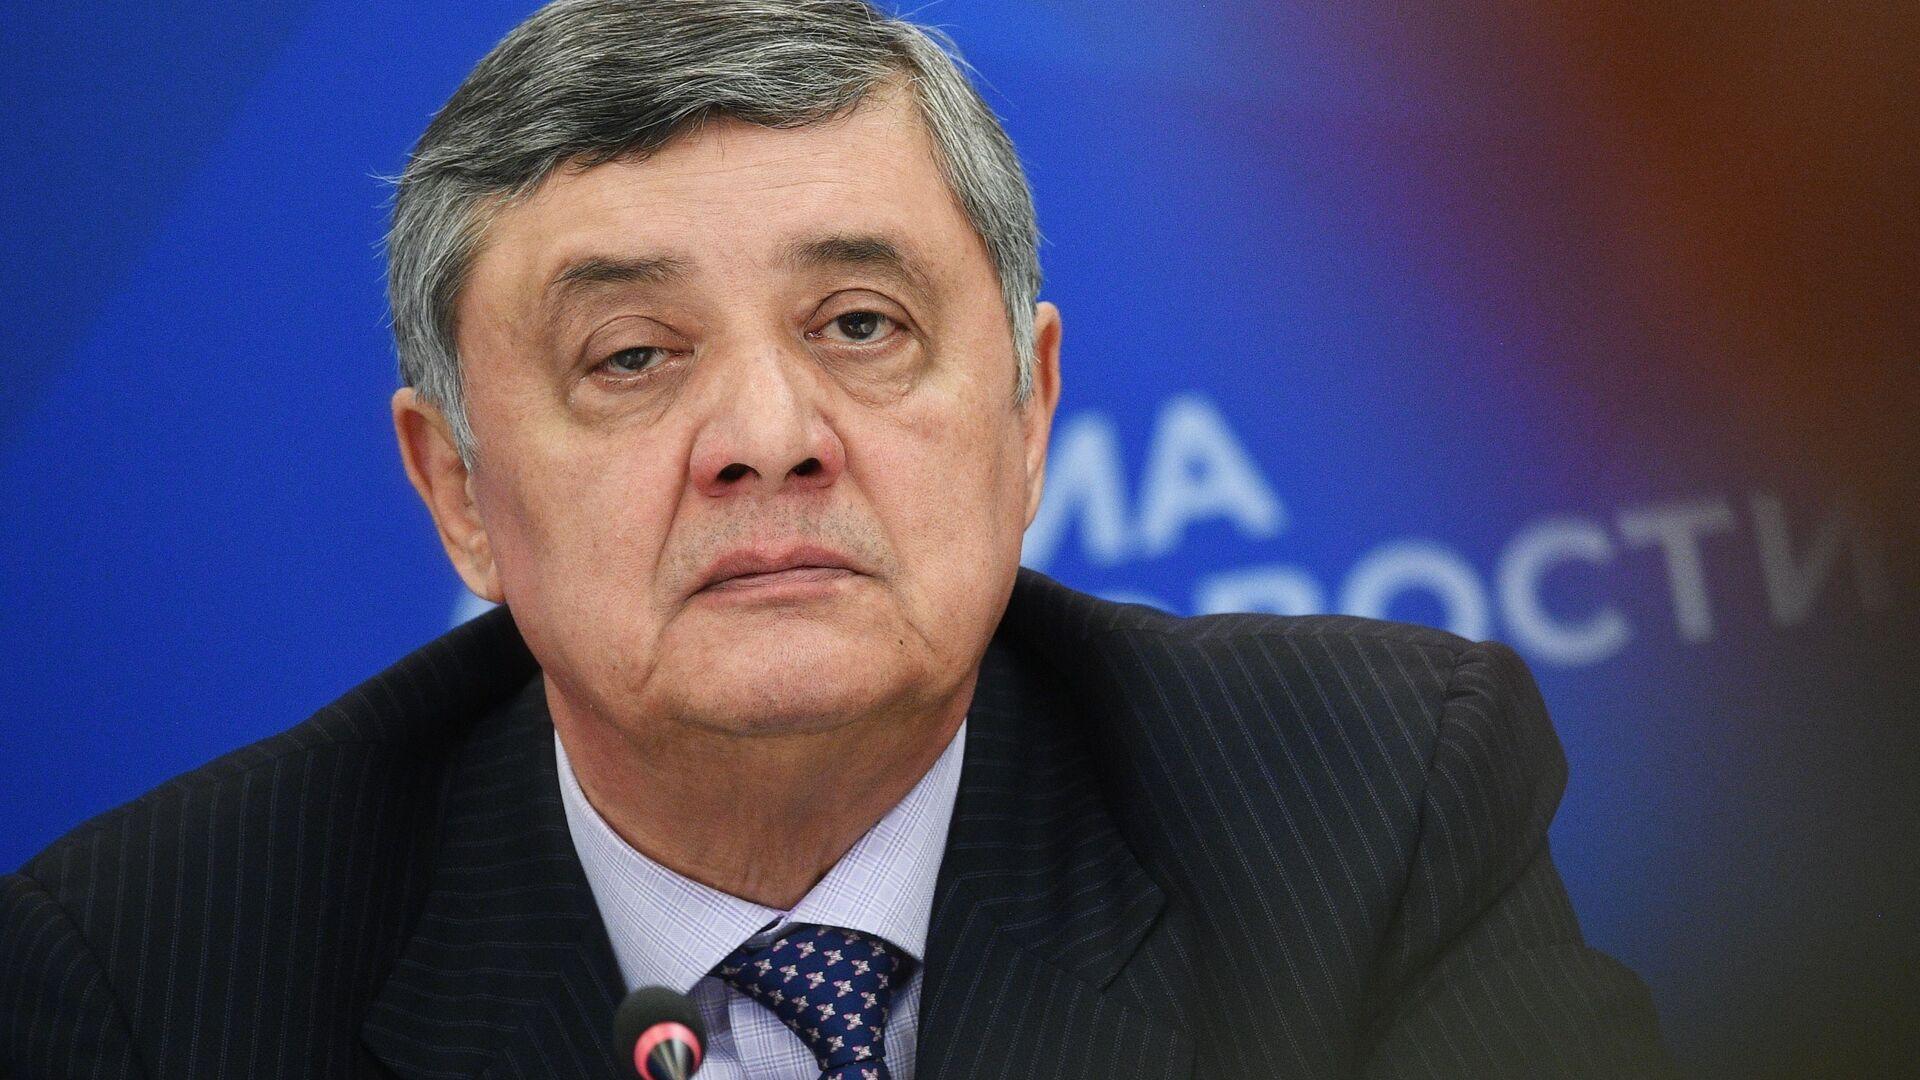 Rusya Afganistan Özel Temsilcisi ve Dışişleri Bakanlığı İkinci Asya Departmanı Direktörü Zamir Kabulov - Sputnik Türkiye, 1920, 28.04.2021